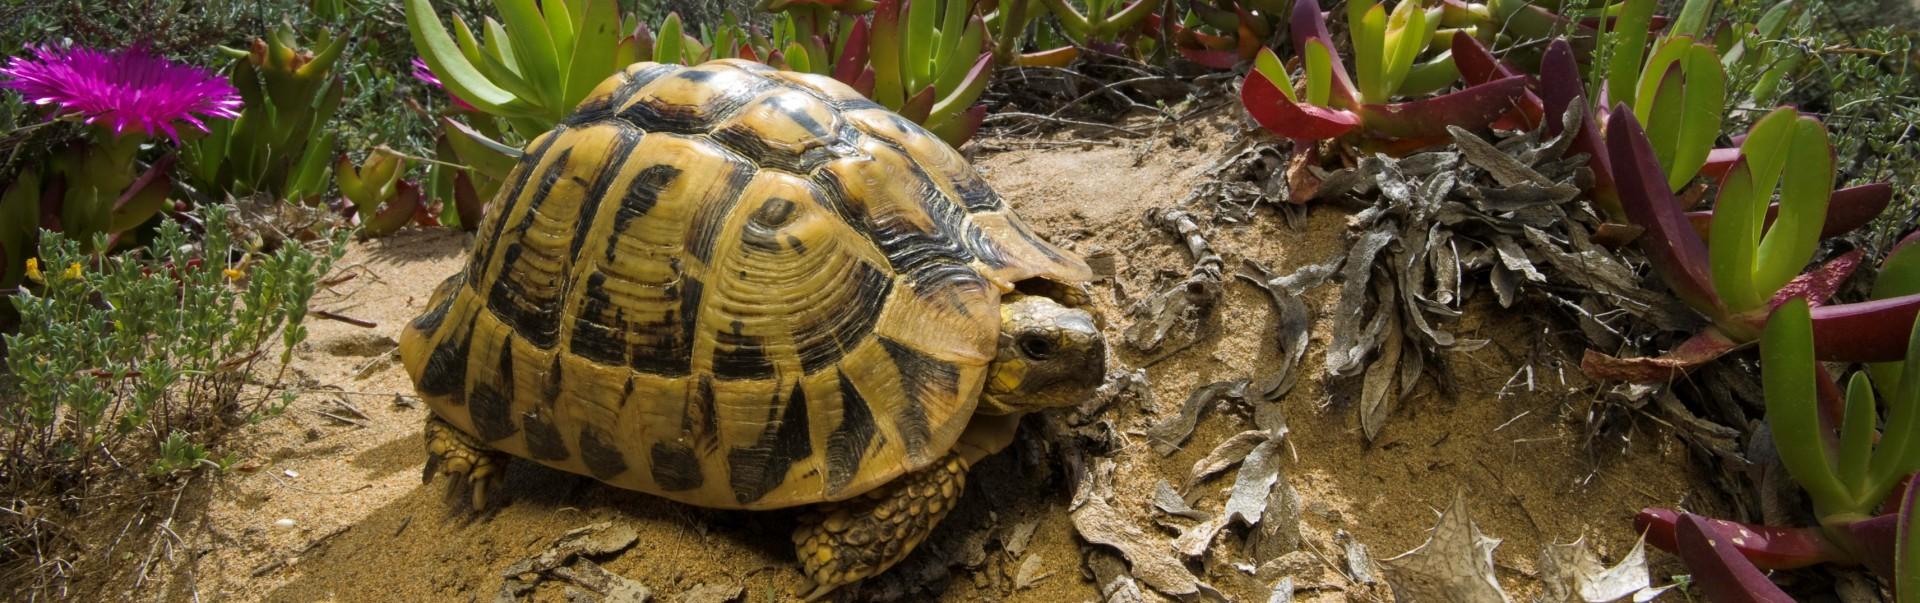 Curiozități broaște țestoase. 6 lucruri pe care nu le știați despre broaște – VIDEO